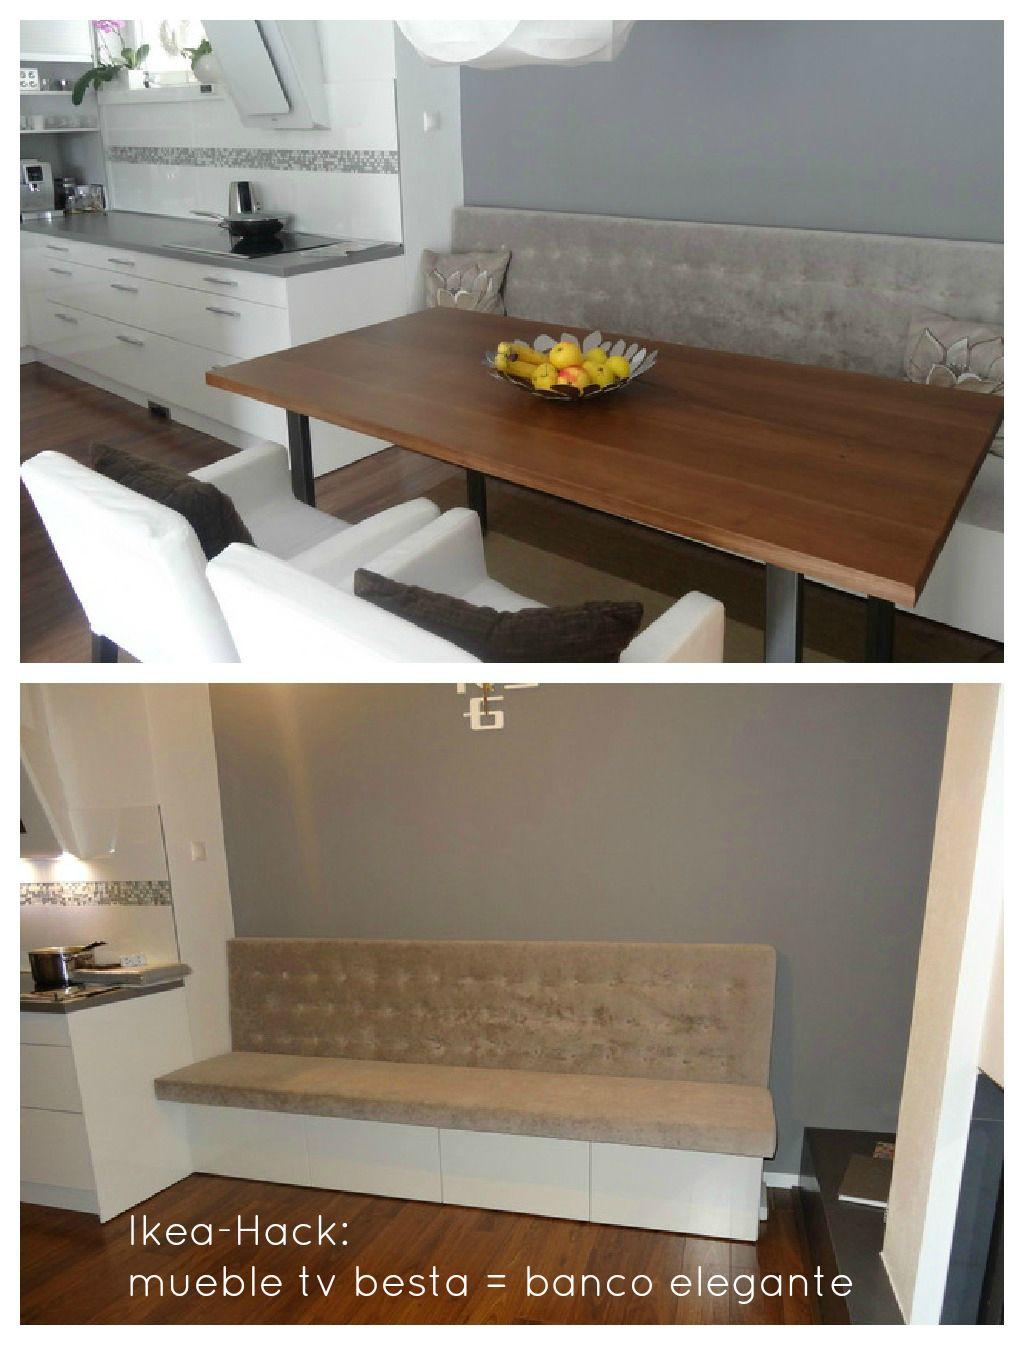 Ikea-Hack: Cómo convertir un mueble de TV Besta en un banco elegante ...